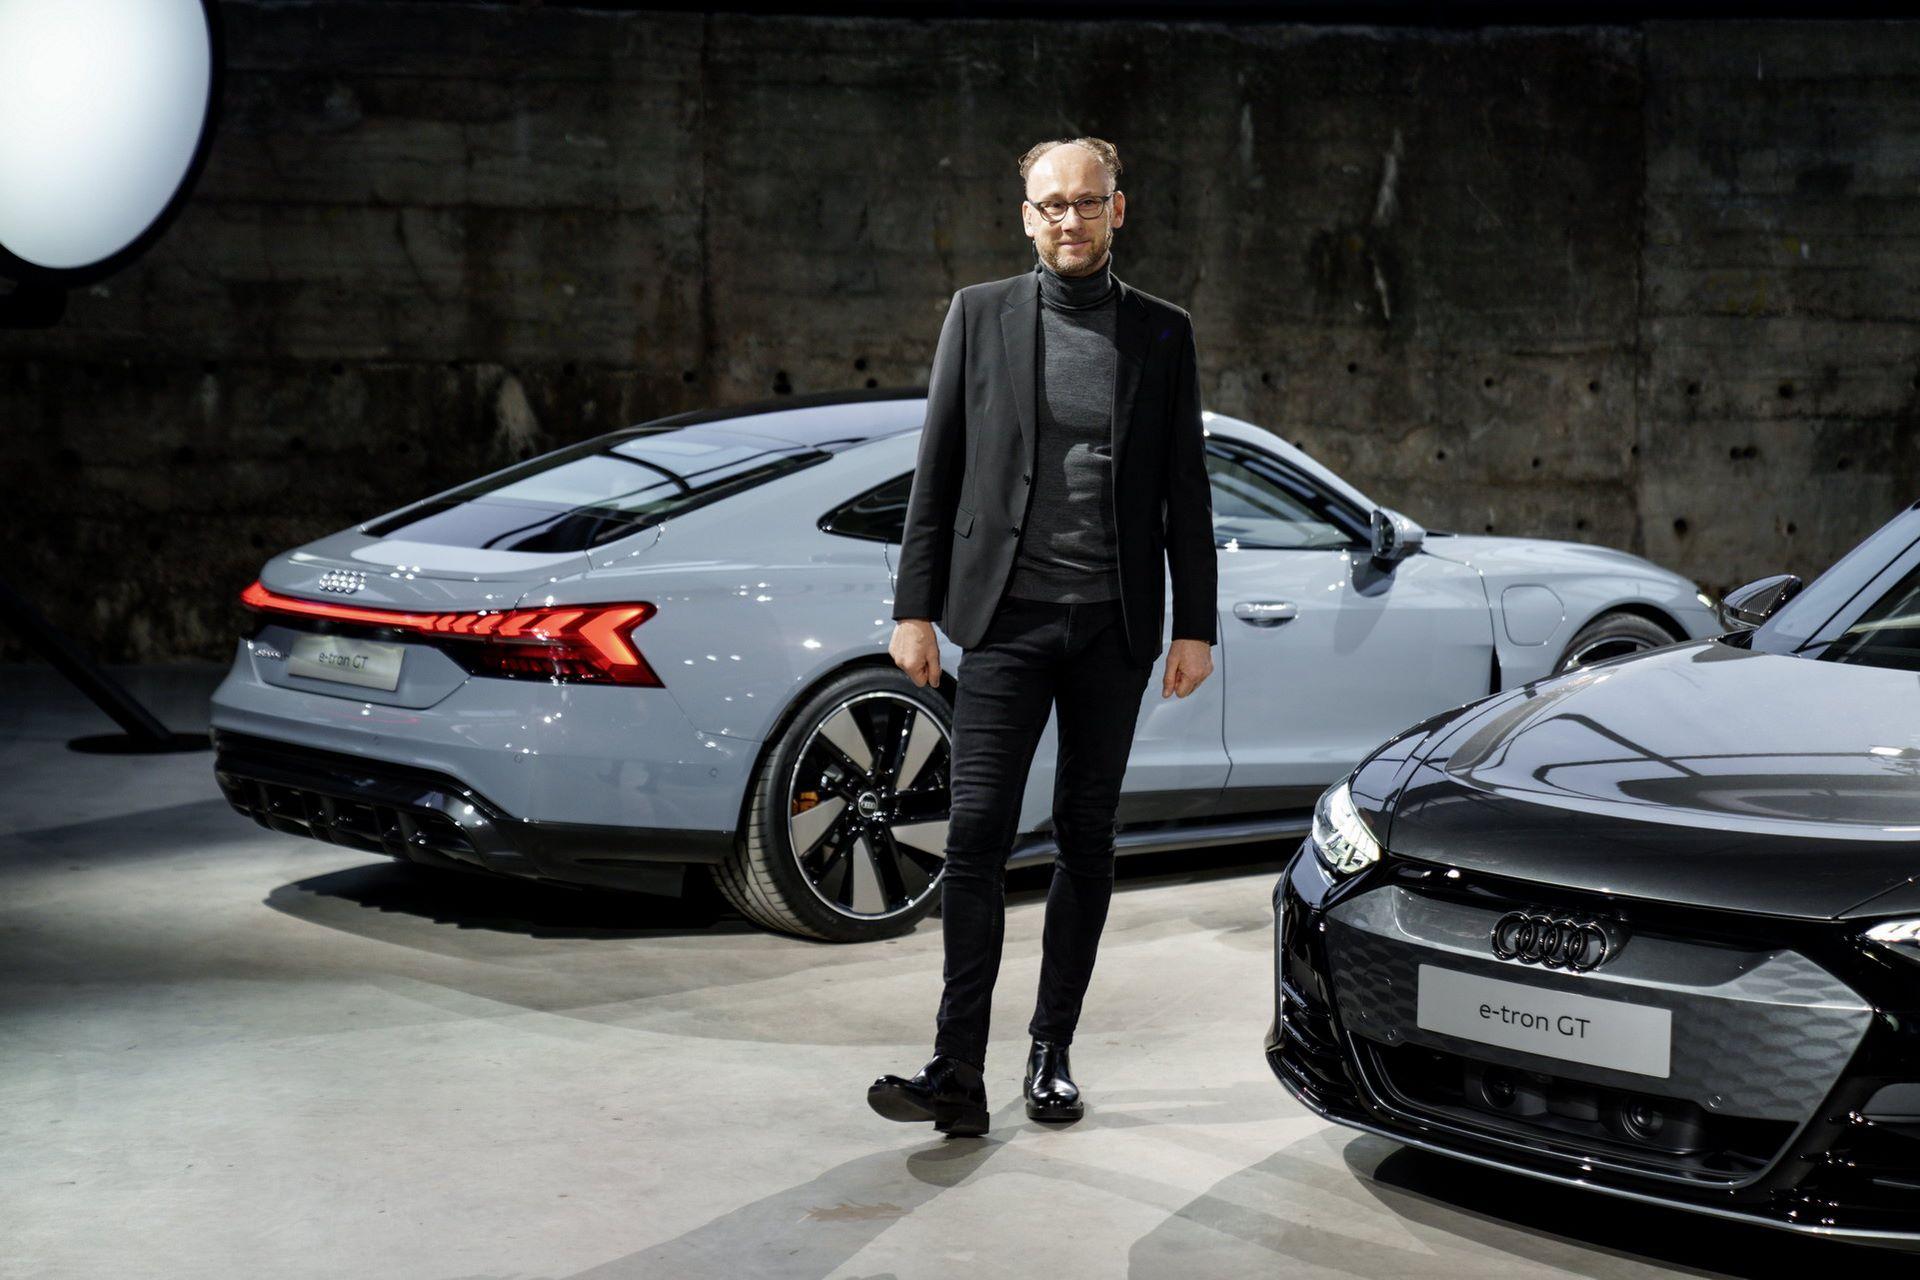 2022-Audi-e-tron-GT-3